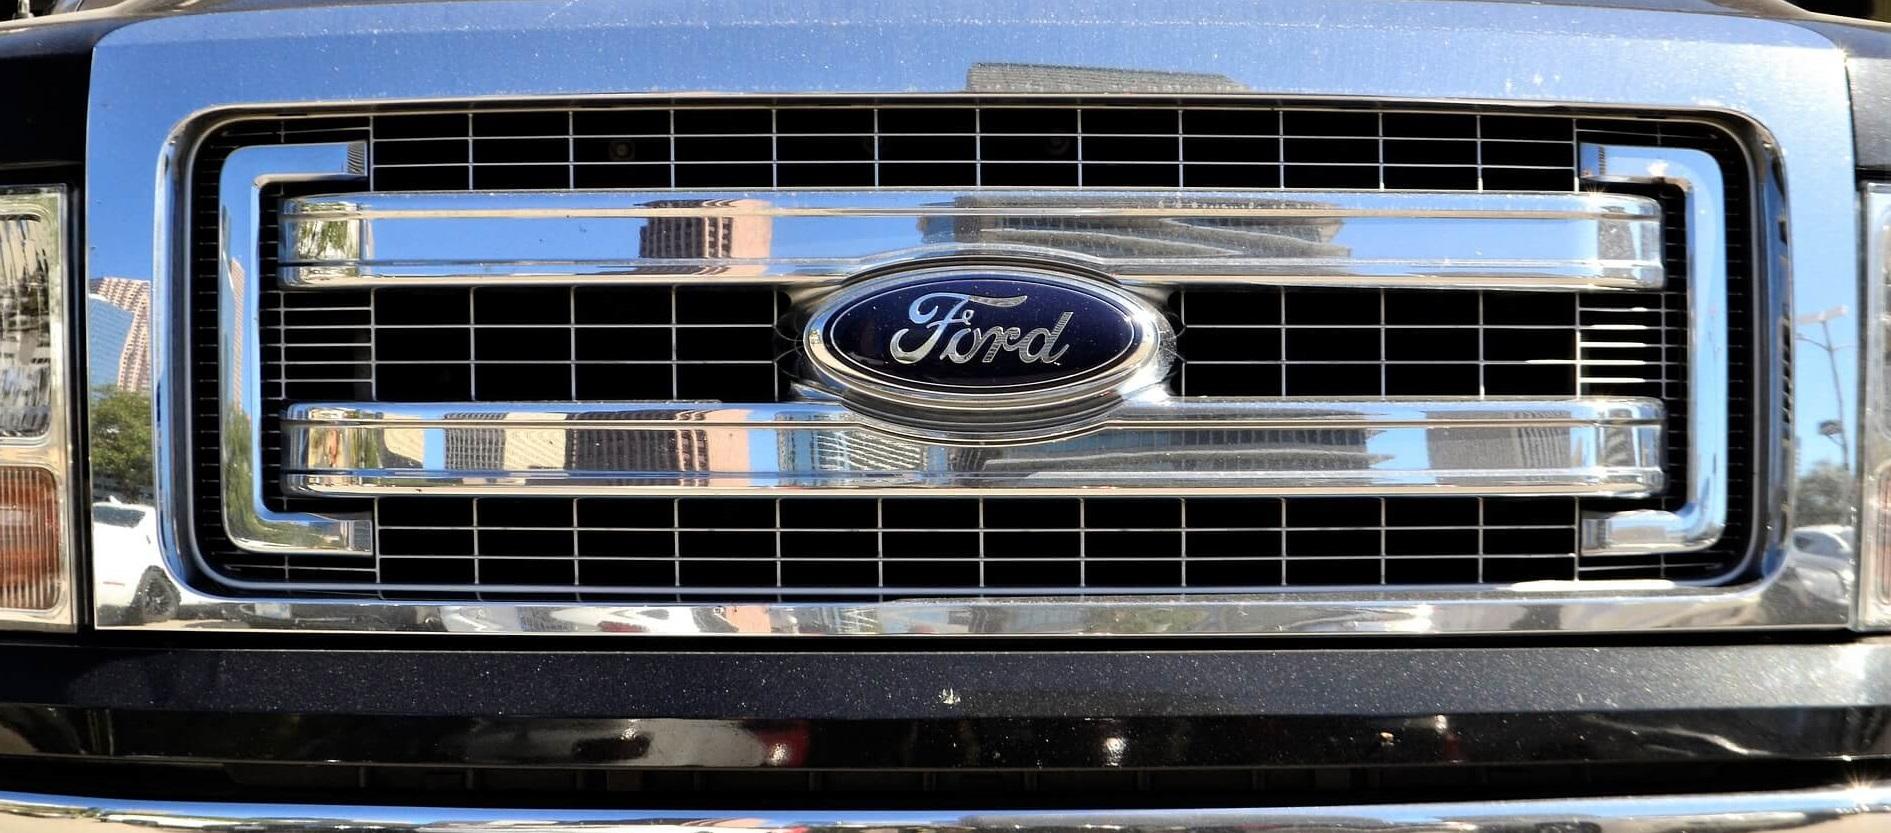 a1 solar_Tartalék áramforrásként Ford elektromos pic-up